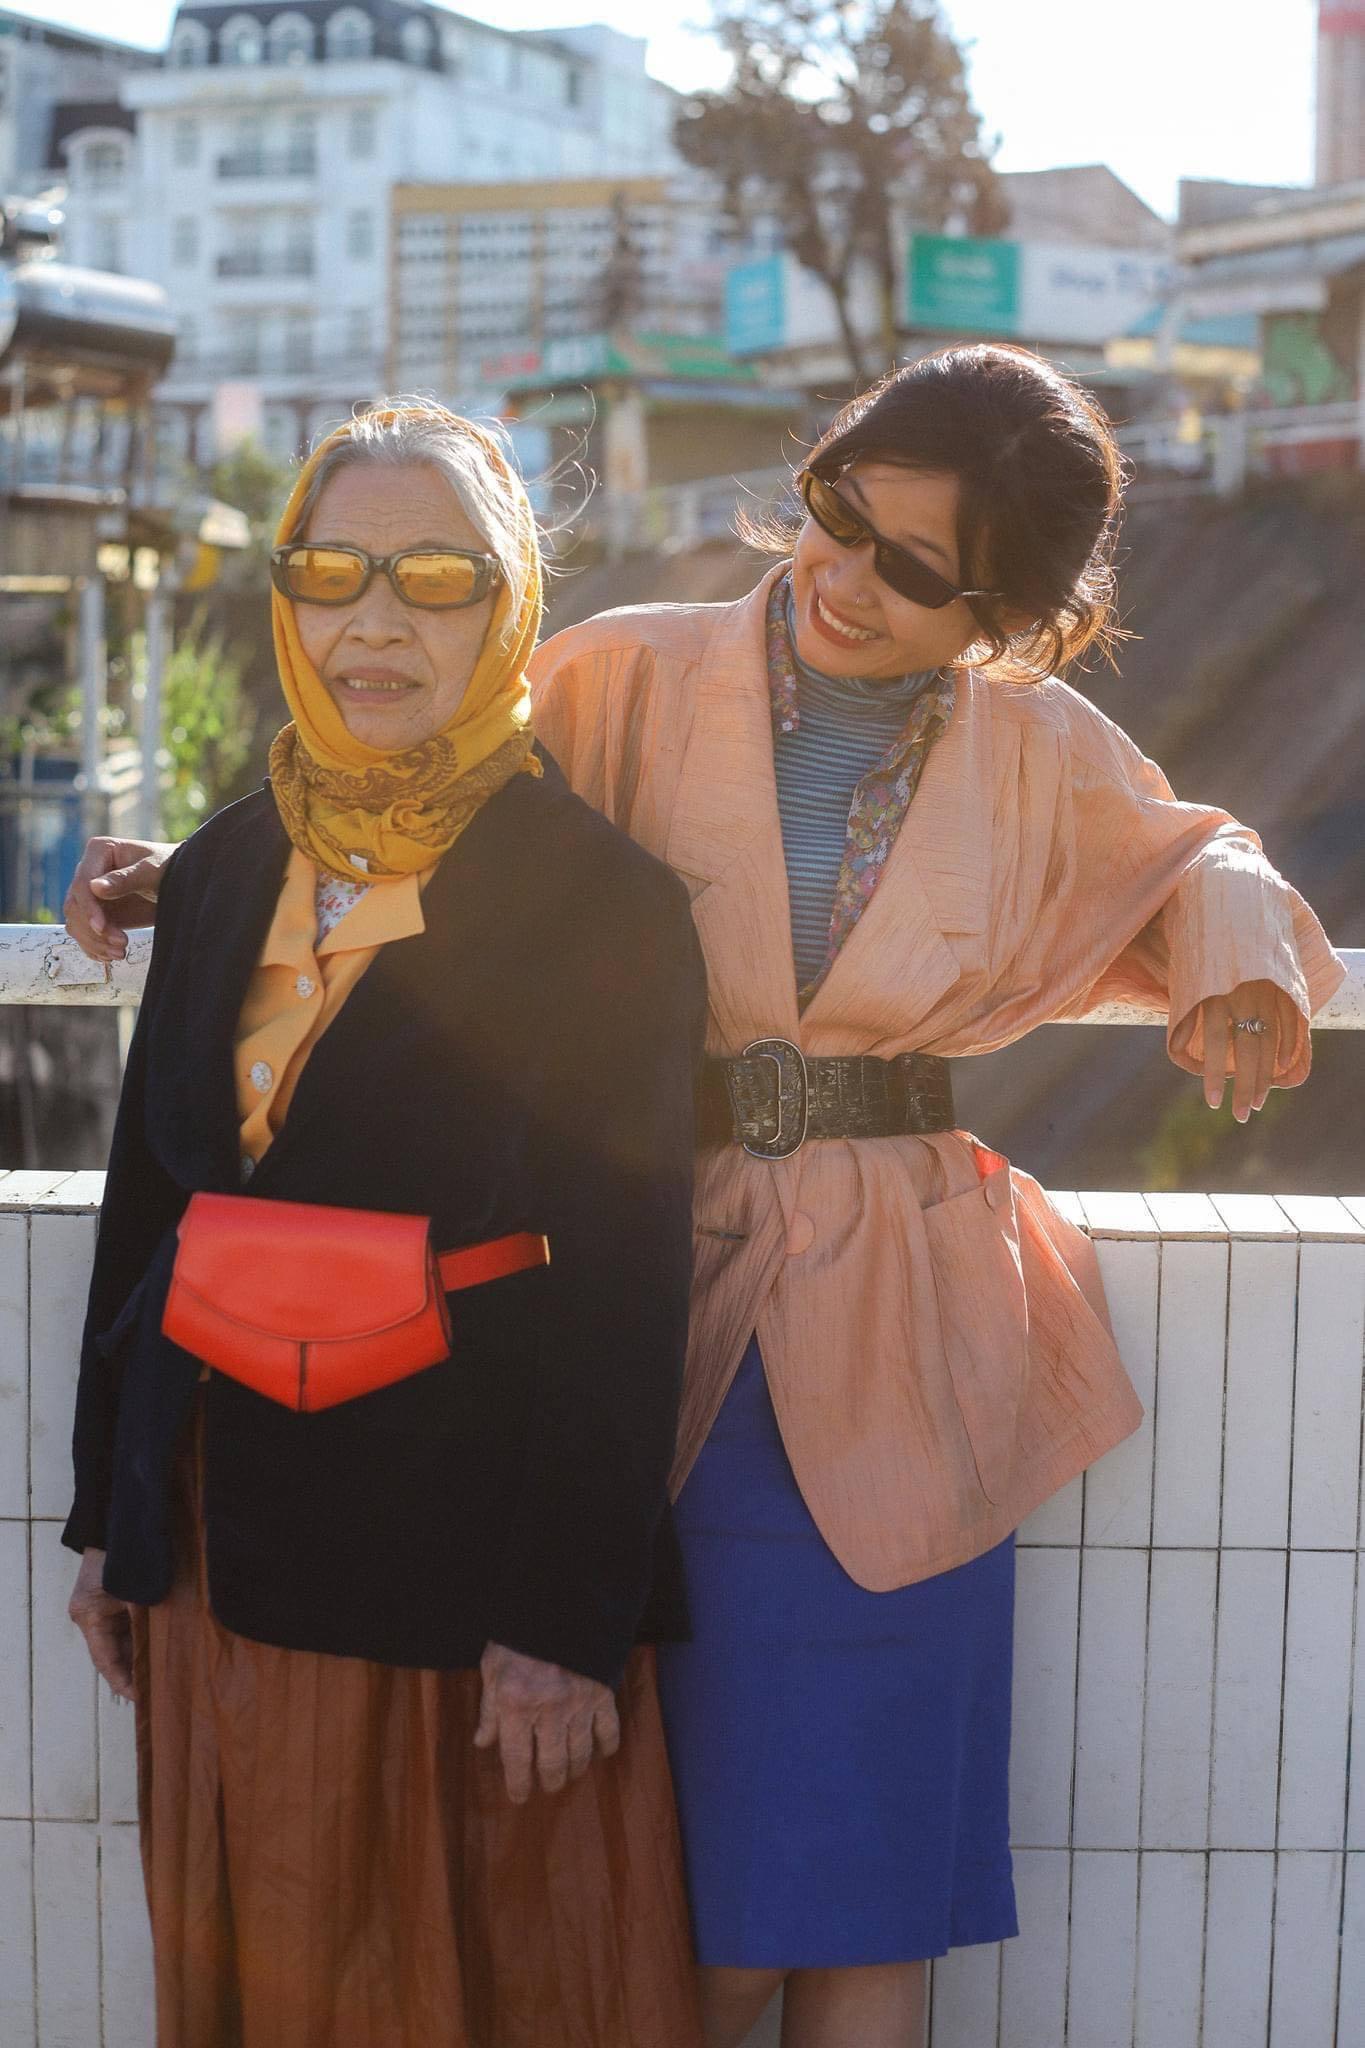 Bà nội U90 cùng cháu gái chụp bộ ảnh thời trang 'chất lừ'